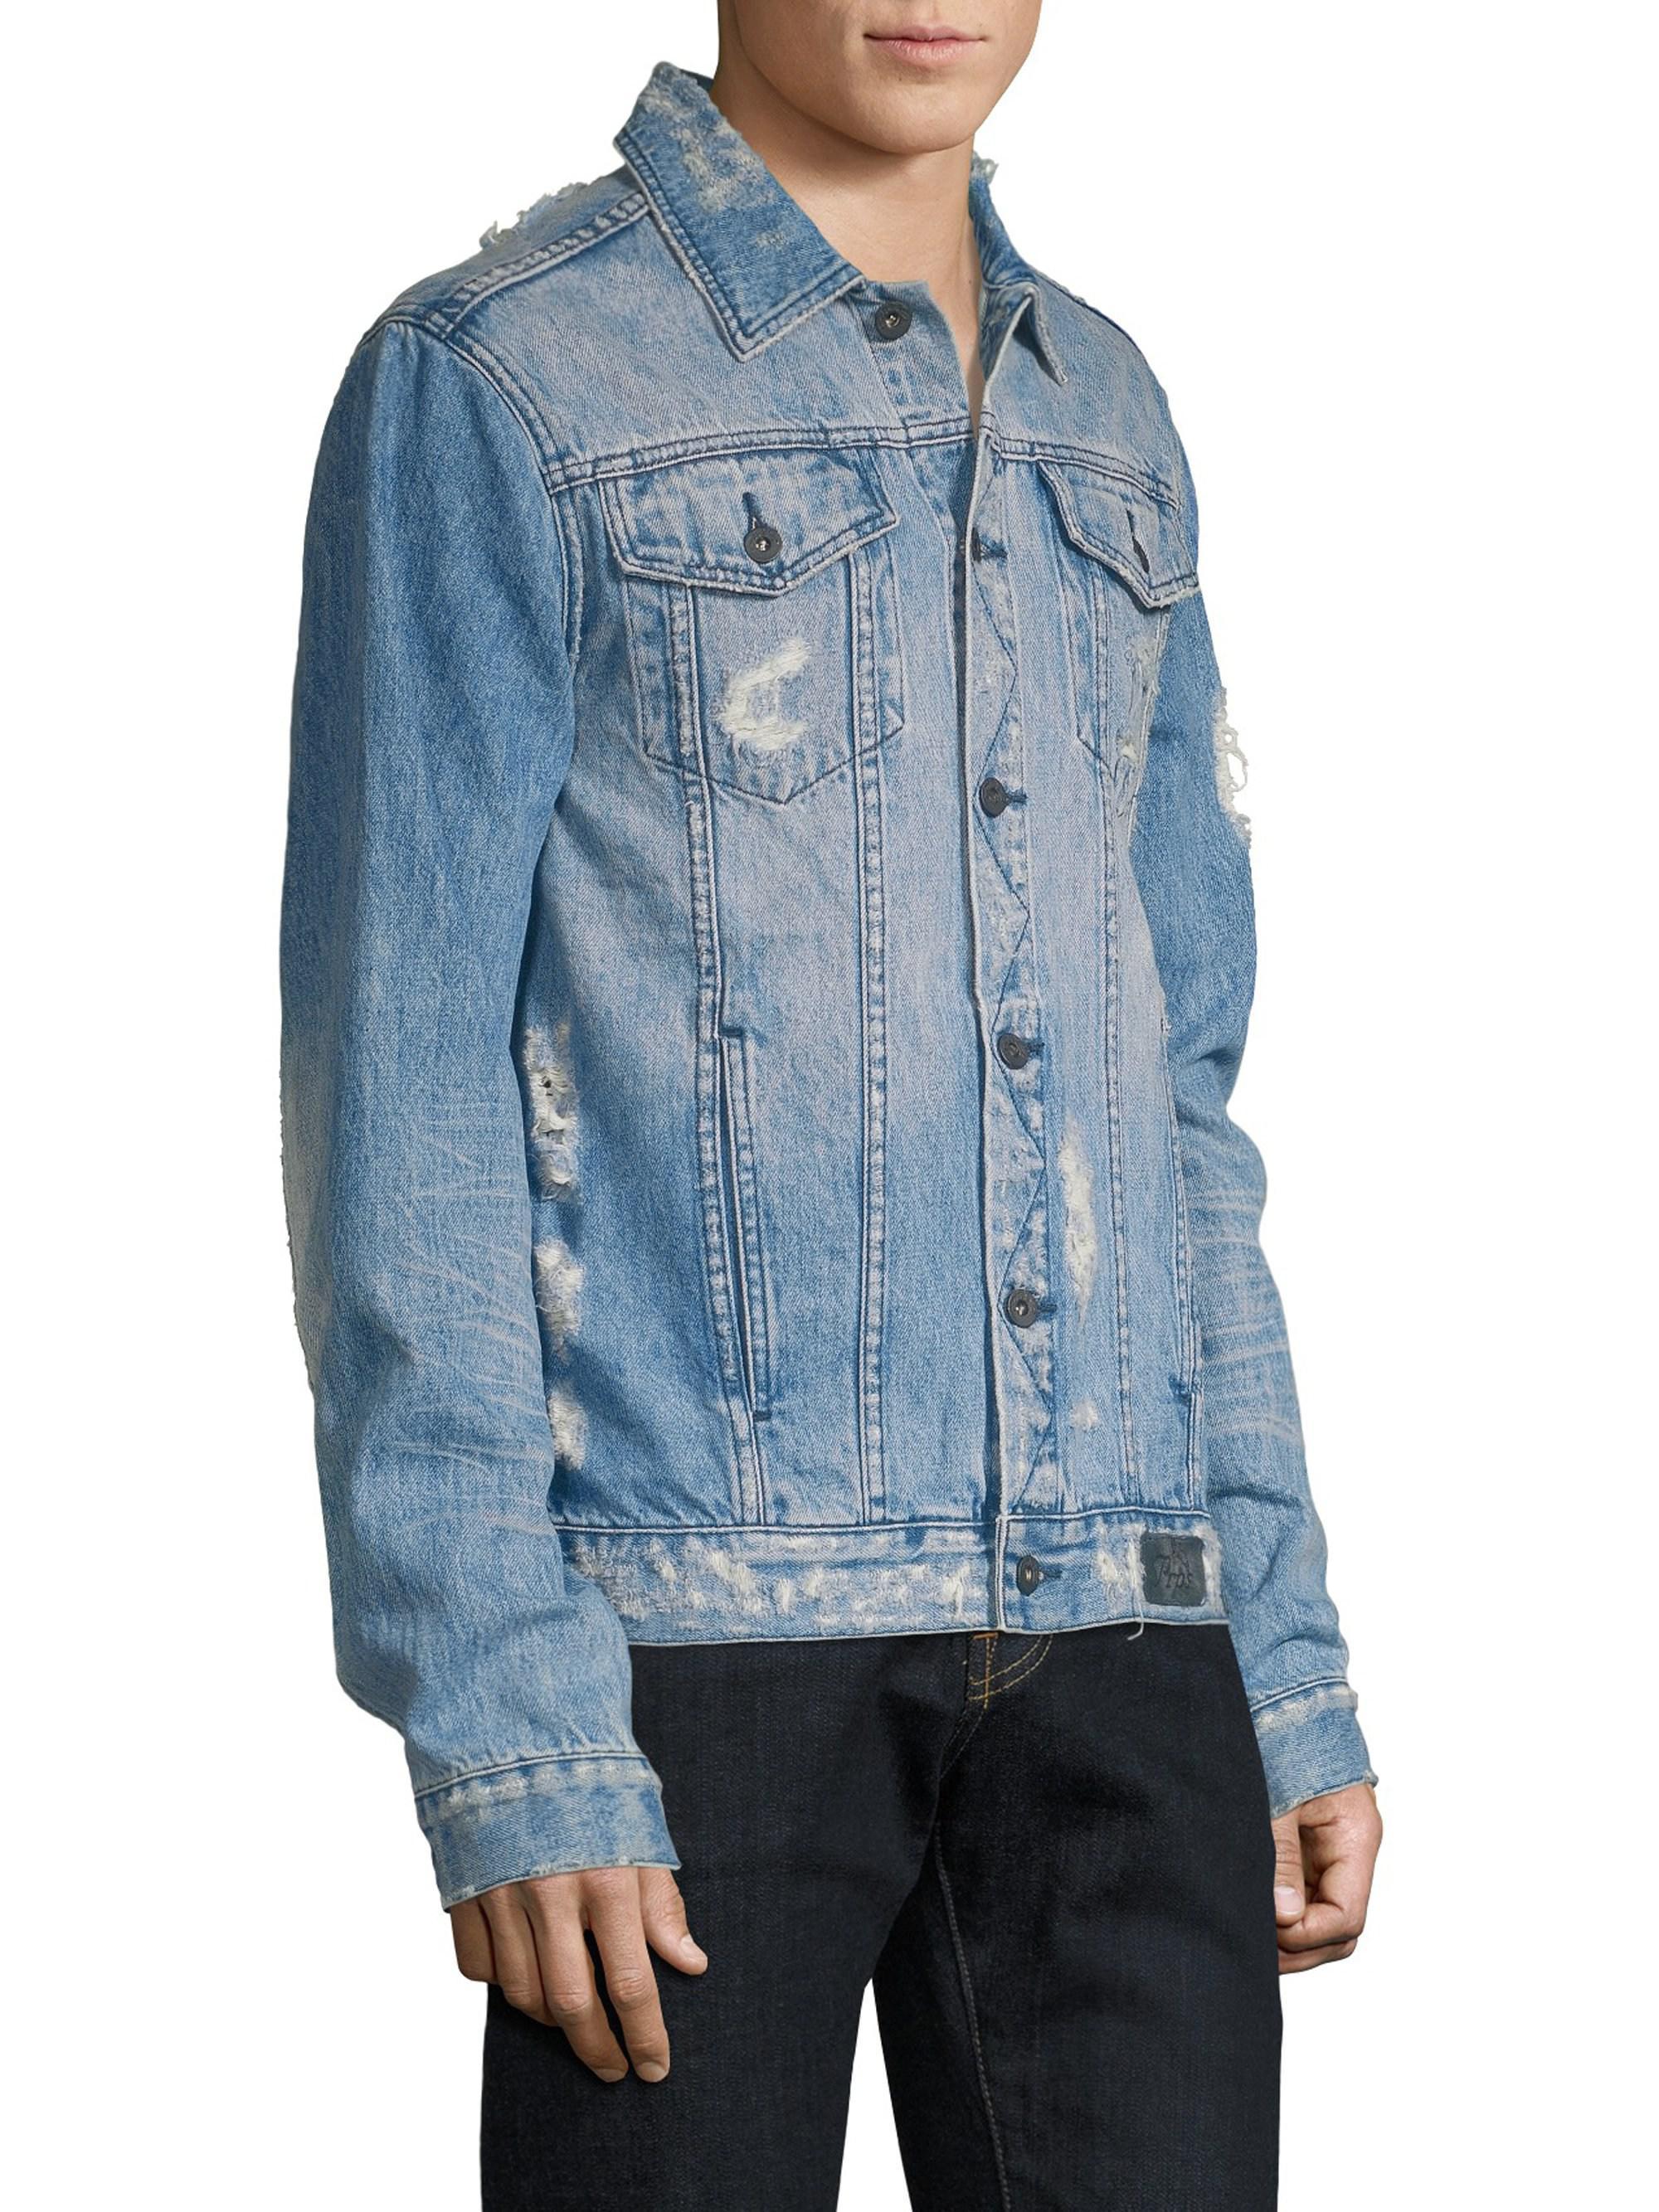 e191874f PRPS Destroyed Light Wash Denim Jacket in Blue for Men - Lyst